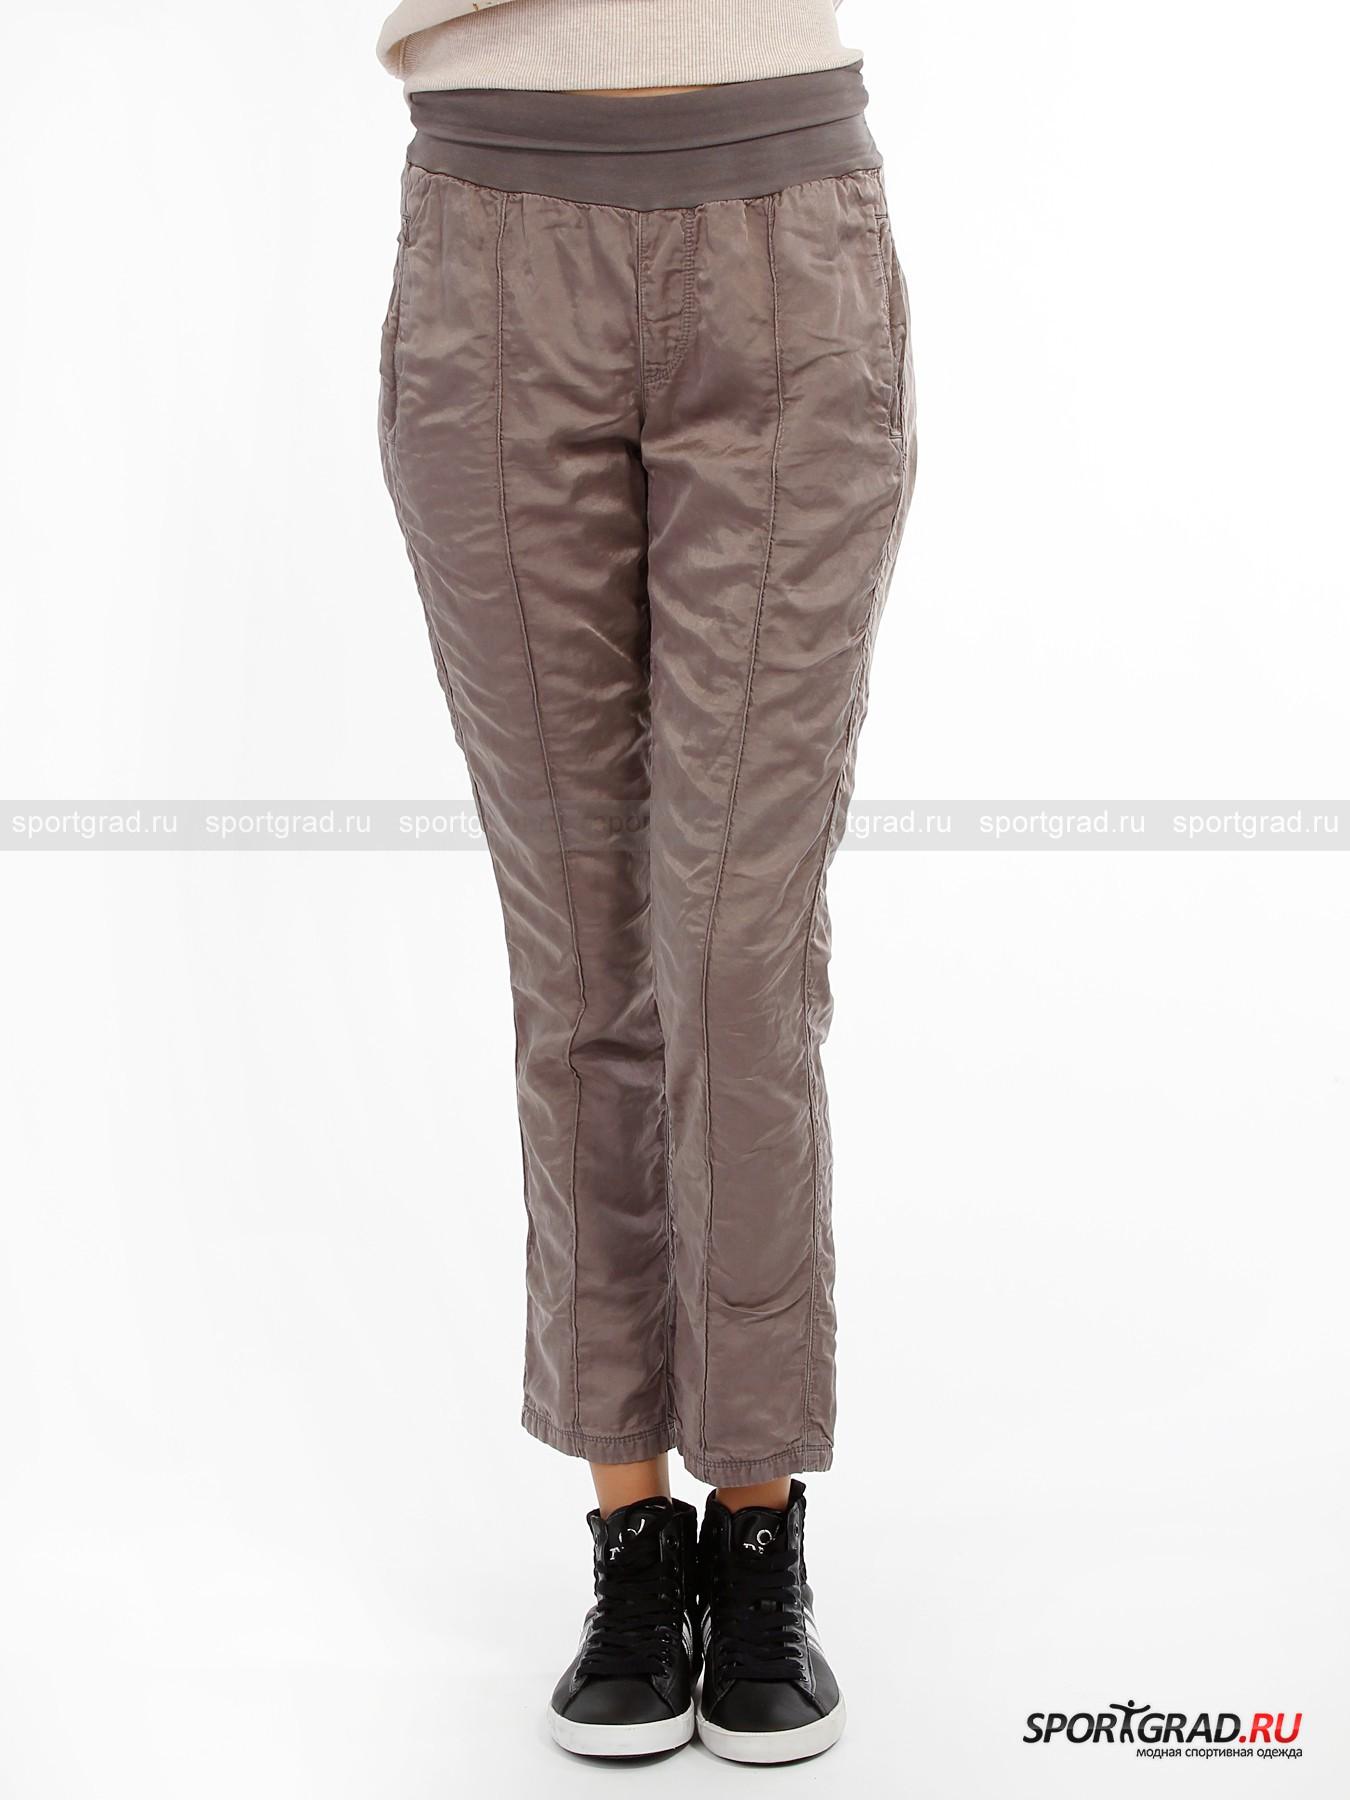 Брюки женские DEHA Tube PantsБрюки<br>Итальянский бренд Deha делает ставку на модели одежды для активных девушек и женщин, стараясь нарочито подчеркнуть утонченность и грацию силуэтов.<br><br>Модель женских брюк Tube Pants изготовлена на хлопковой основе с добавлением уникального материала купро, который получается из медных волокон целлюлозы. Это напрямую влияет на структуру ткани, которая начинает переливаться на свету и становится гладкой. Стоит отметить также и метод обработки материи, которой подверглись эти брюки – искусственное состаривание. Благодаря этому модель получилась заметный винтажный оттенок.<br><br>•Дополнительная вставка в районе талии в виде эластичной материи<br>•Два передних кармана<br>•Зауженный крой<br><br>Пол: Женский<br>Возраст: Взрослый<br>Тип: Брюки<br>Рекомендации по уходу: Деликатная стирка при 30С, не отбеливать, гладить при температуре на выше 110С, сушить в барабане стиральной машины запрещено, химчистка разрешена.<br>Состав: 70% хлопок/30% купро.